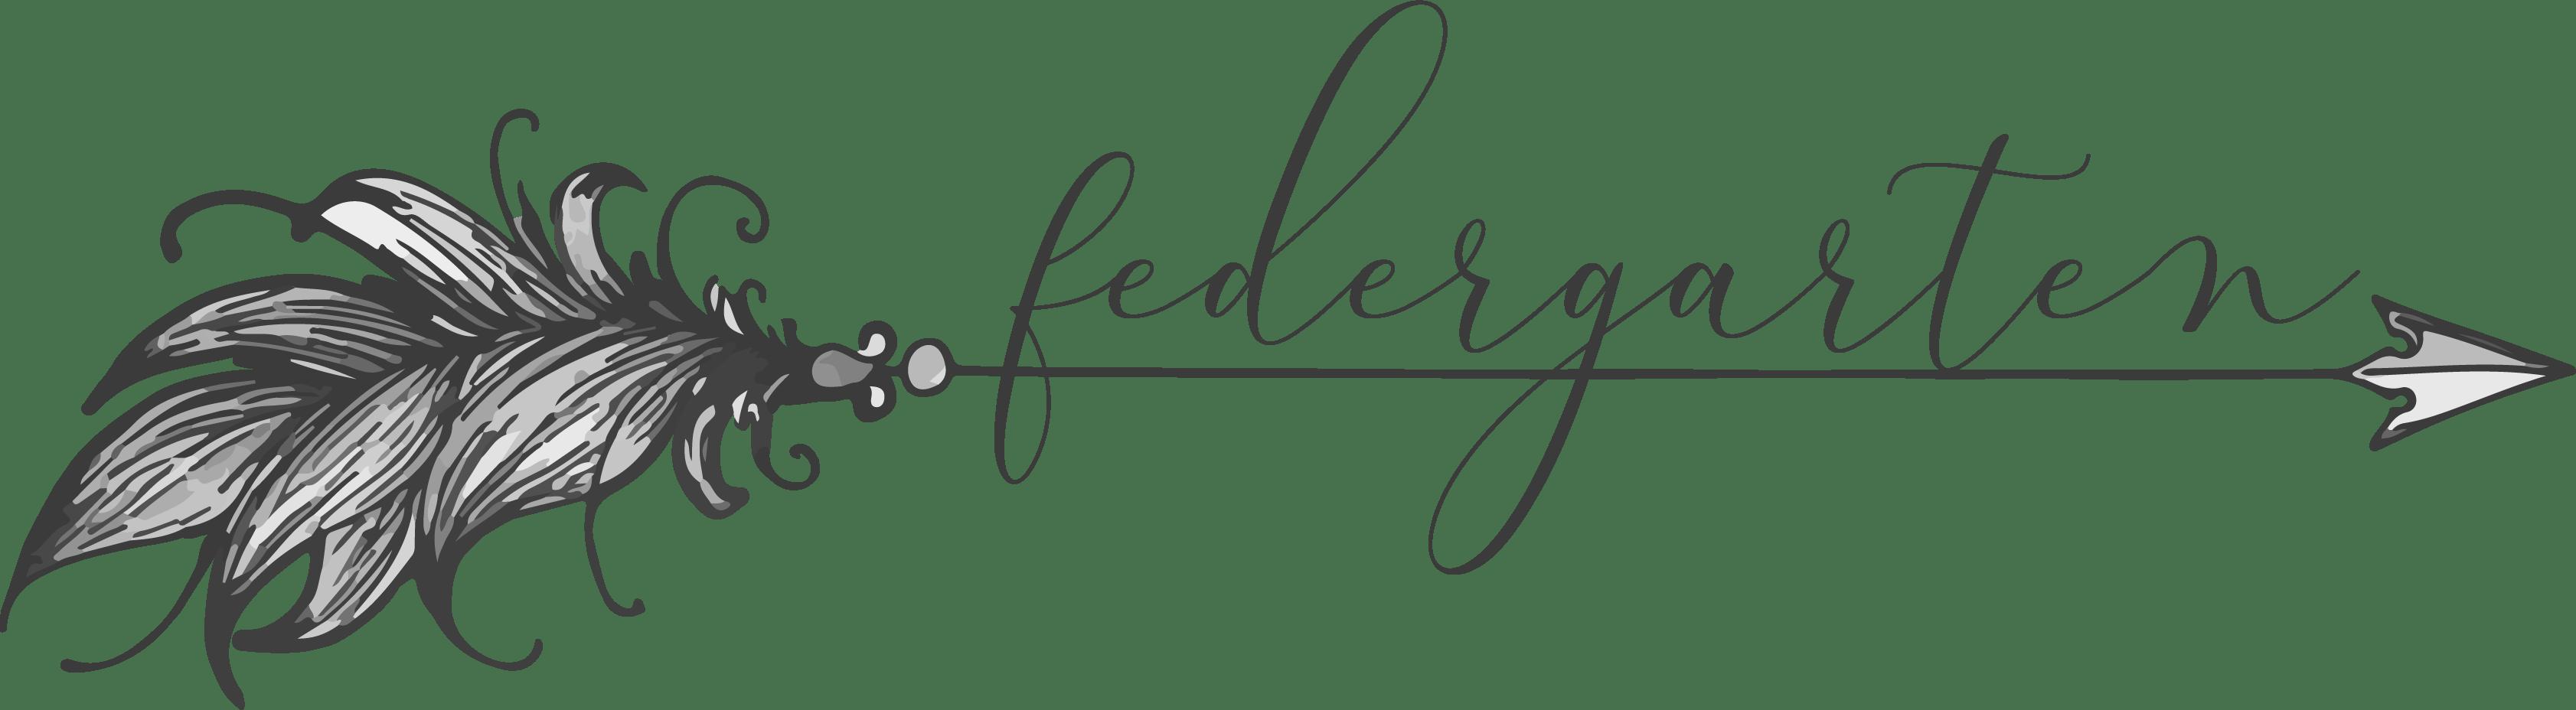 Federgarten - 2 Schwestern 1 Leidenschaft